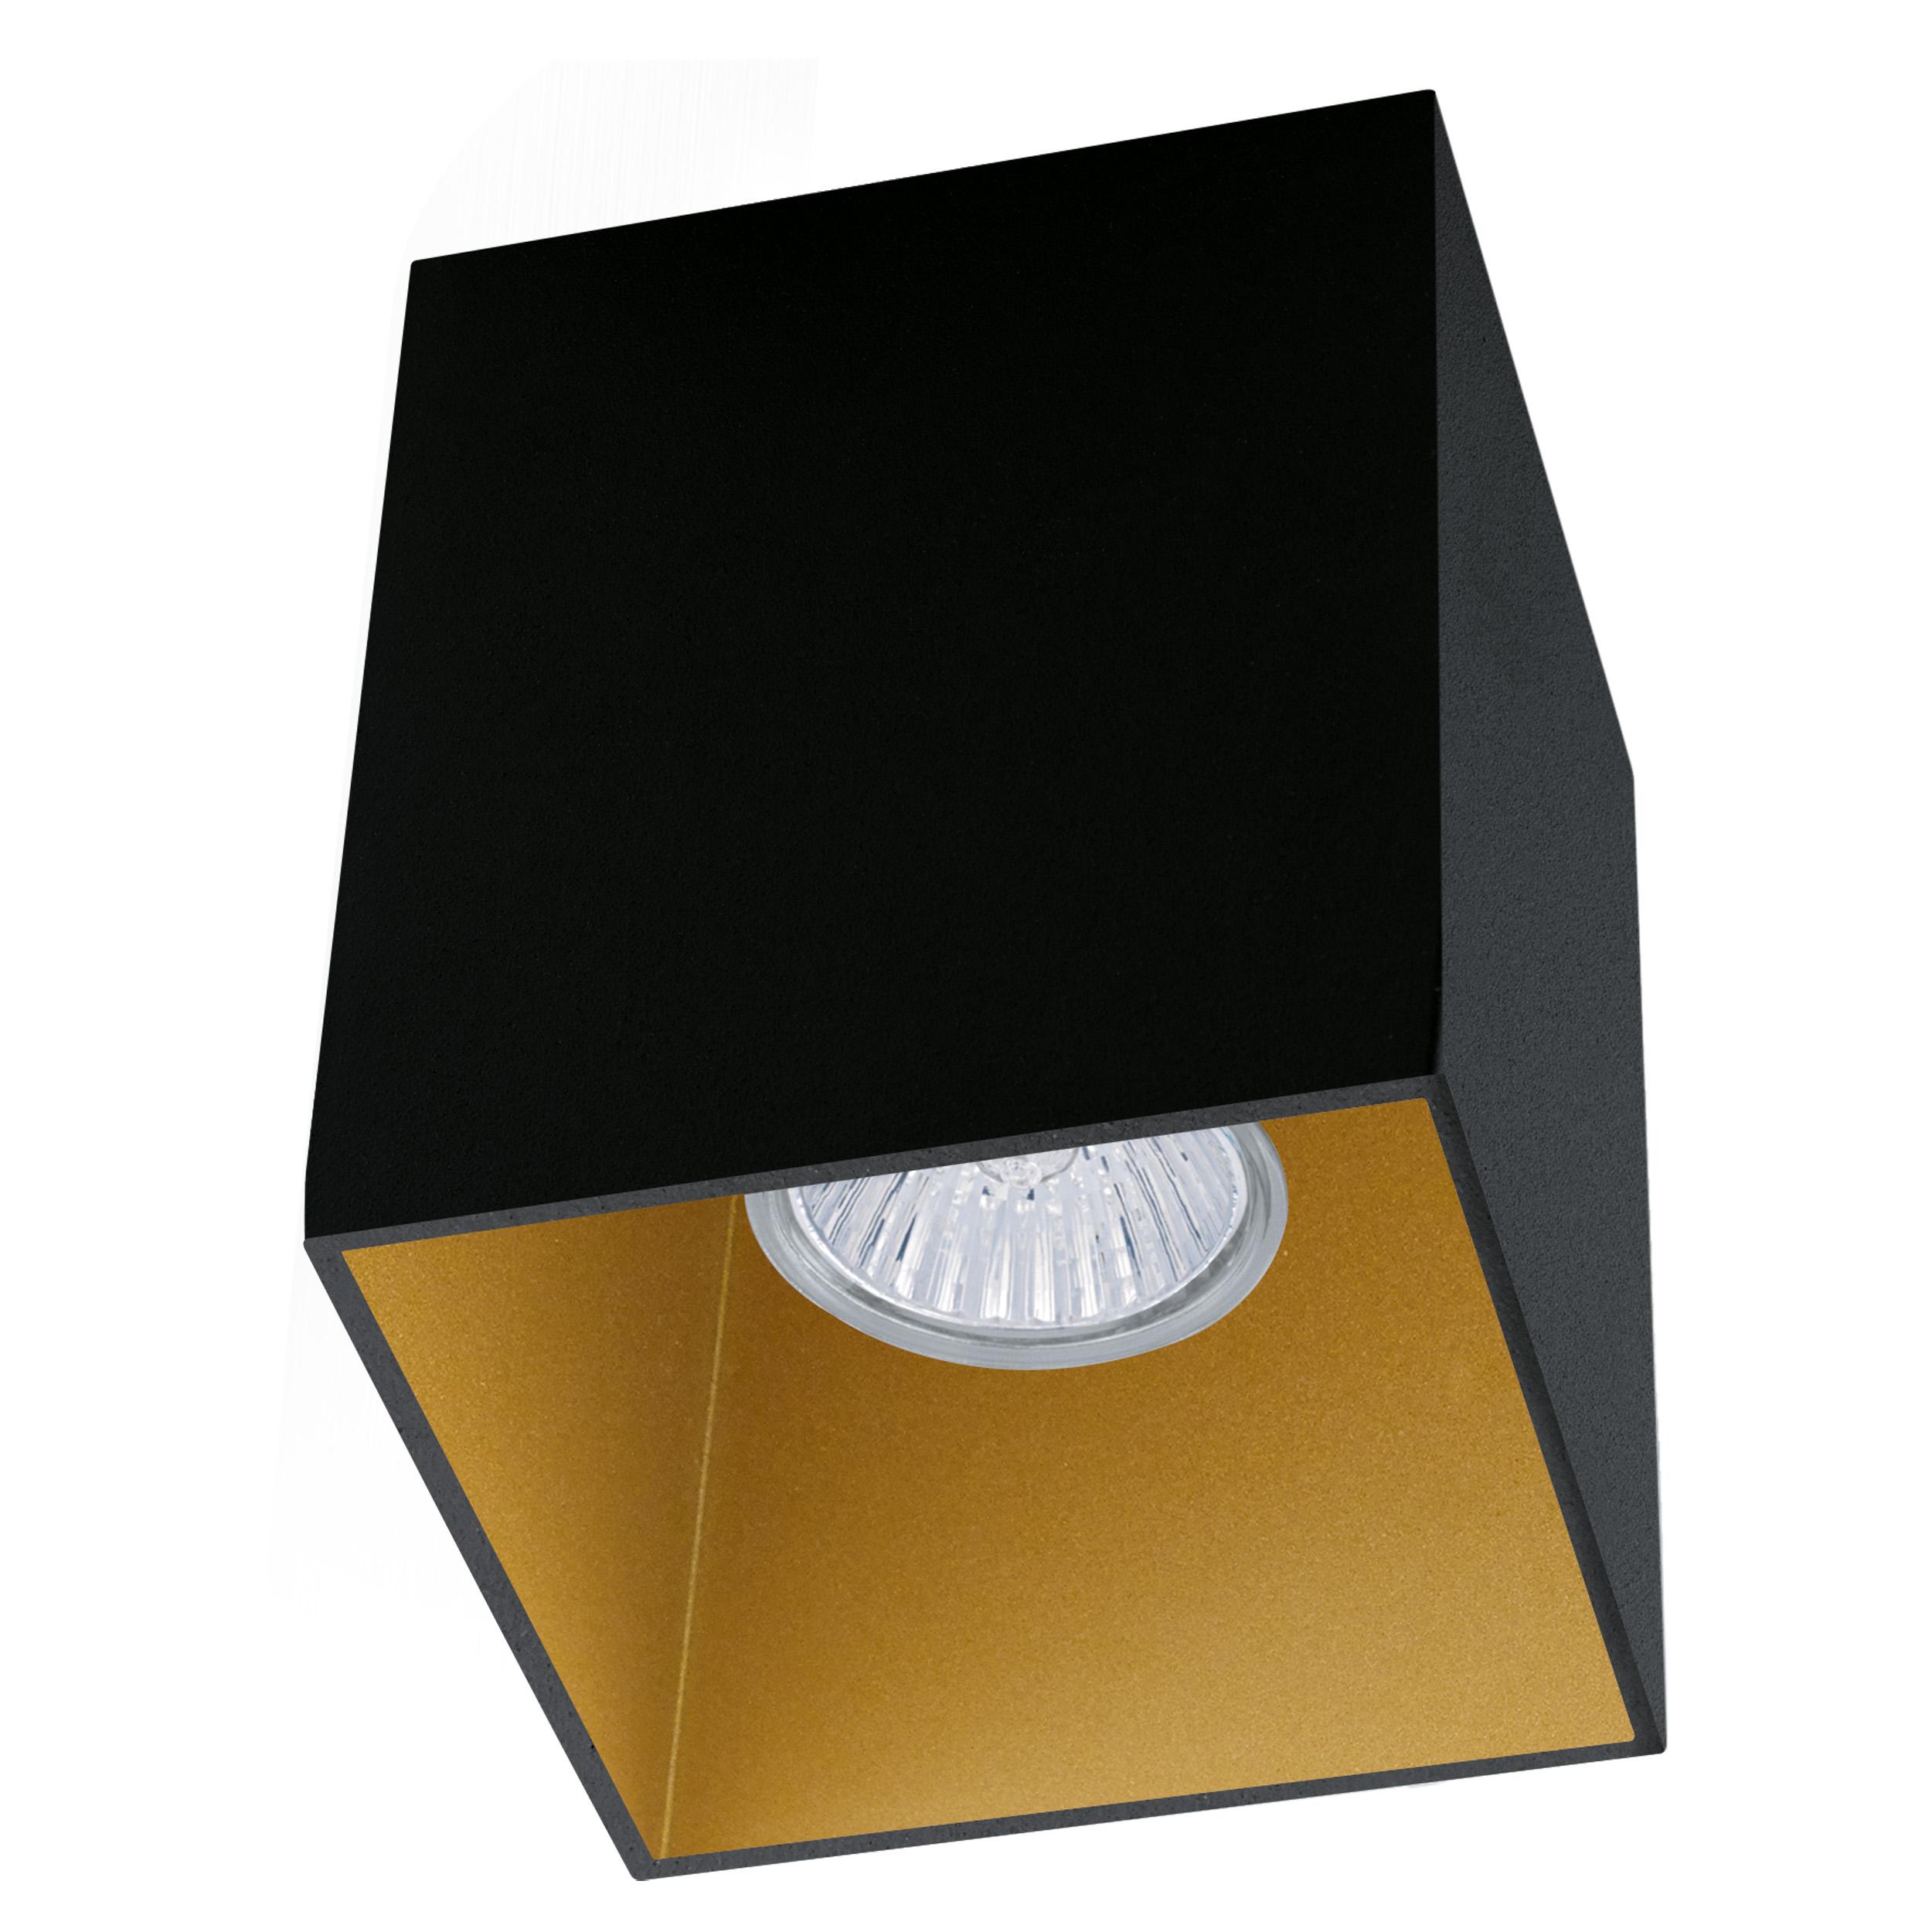 1 Stk Deckenleuchte Polasso eckig 35W schwarz / gold IP20 LI62258---